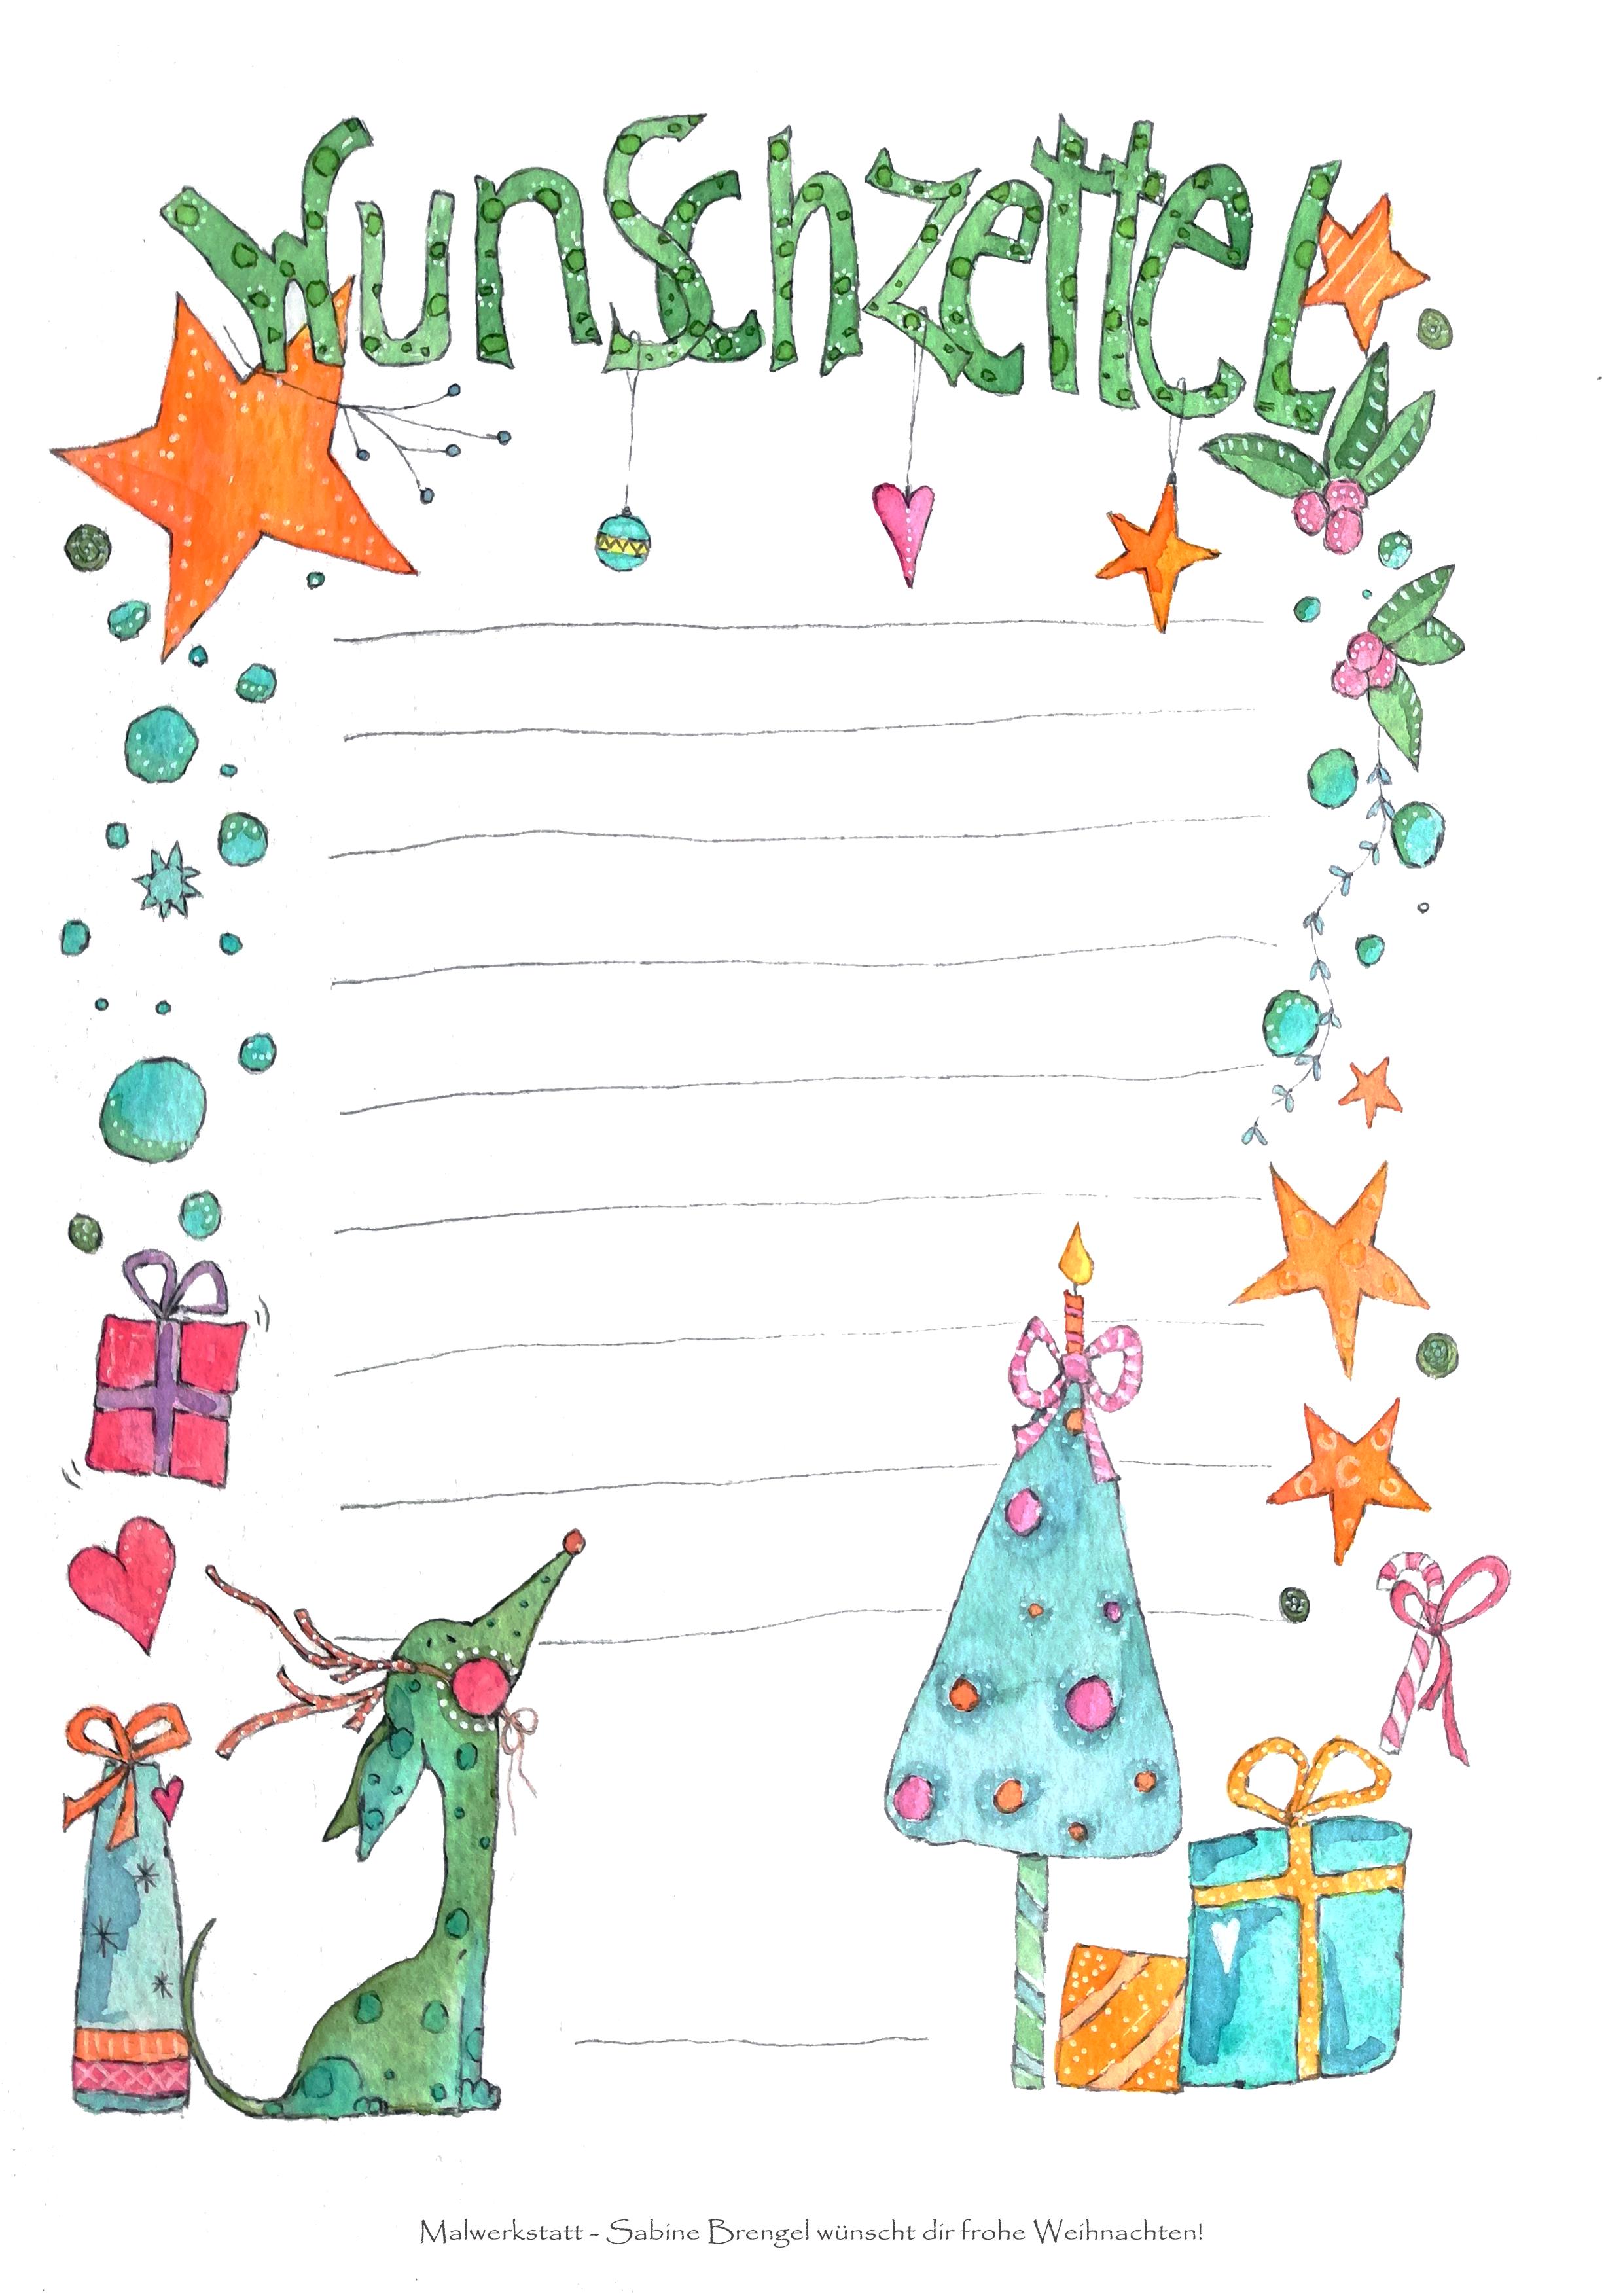 Wunschzettel für Kinder